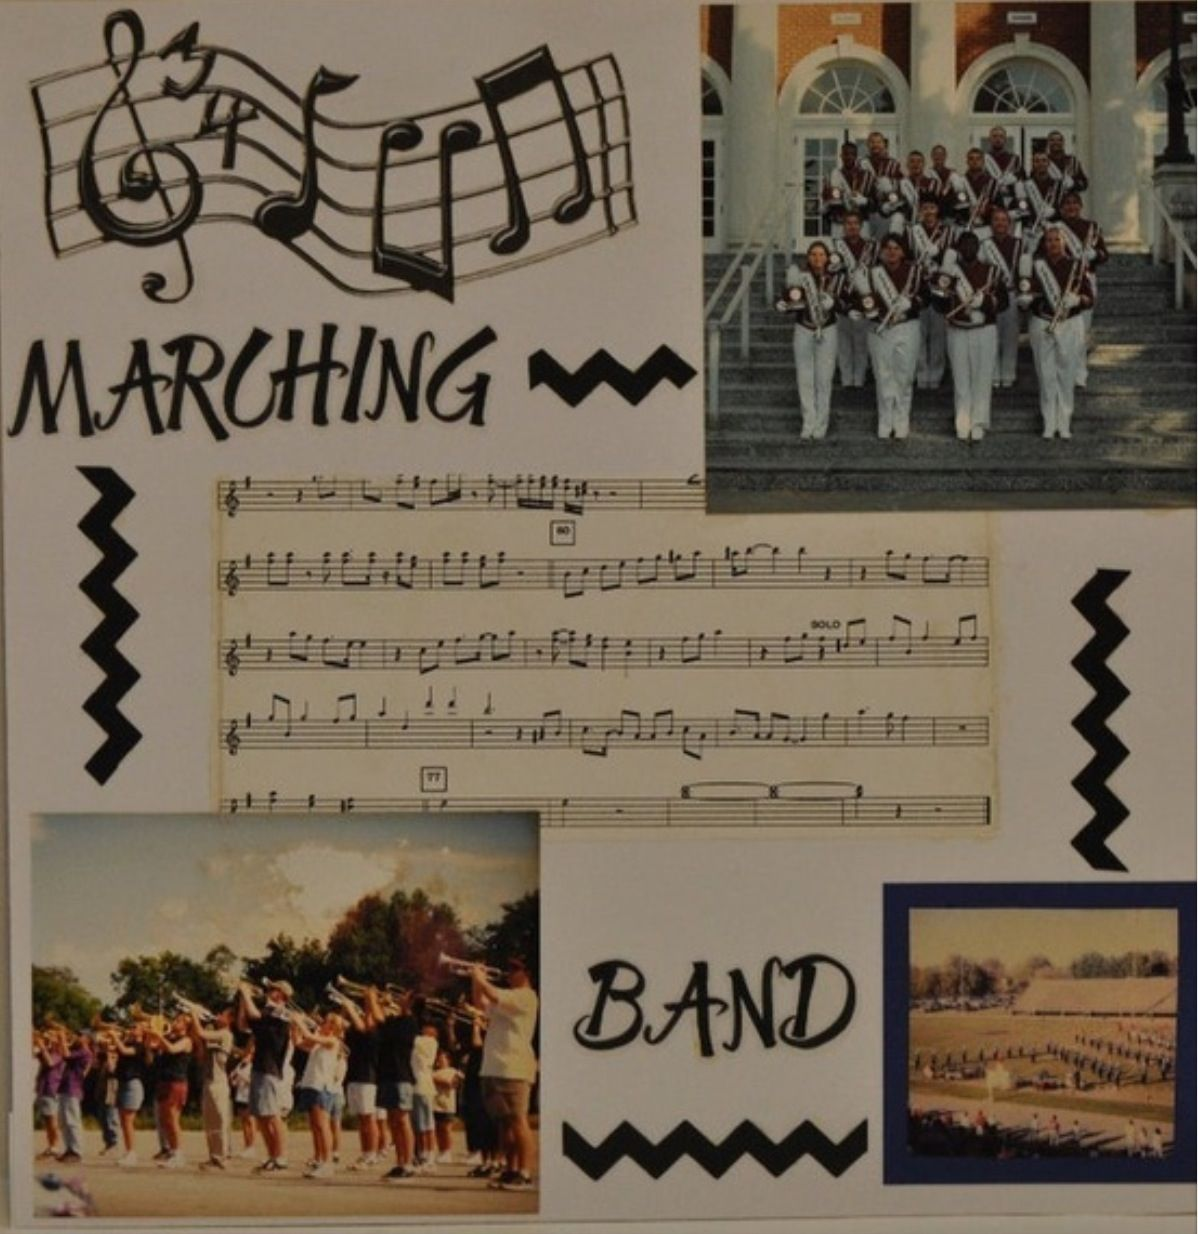 Scrapbook ideas music - Marching Band Scrapbook Idea Must Do